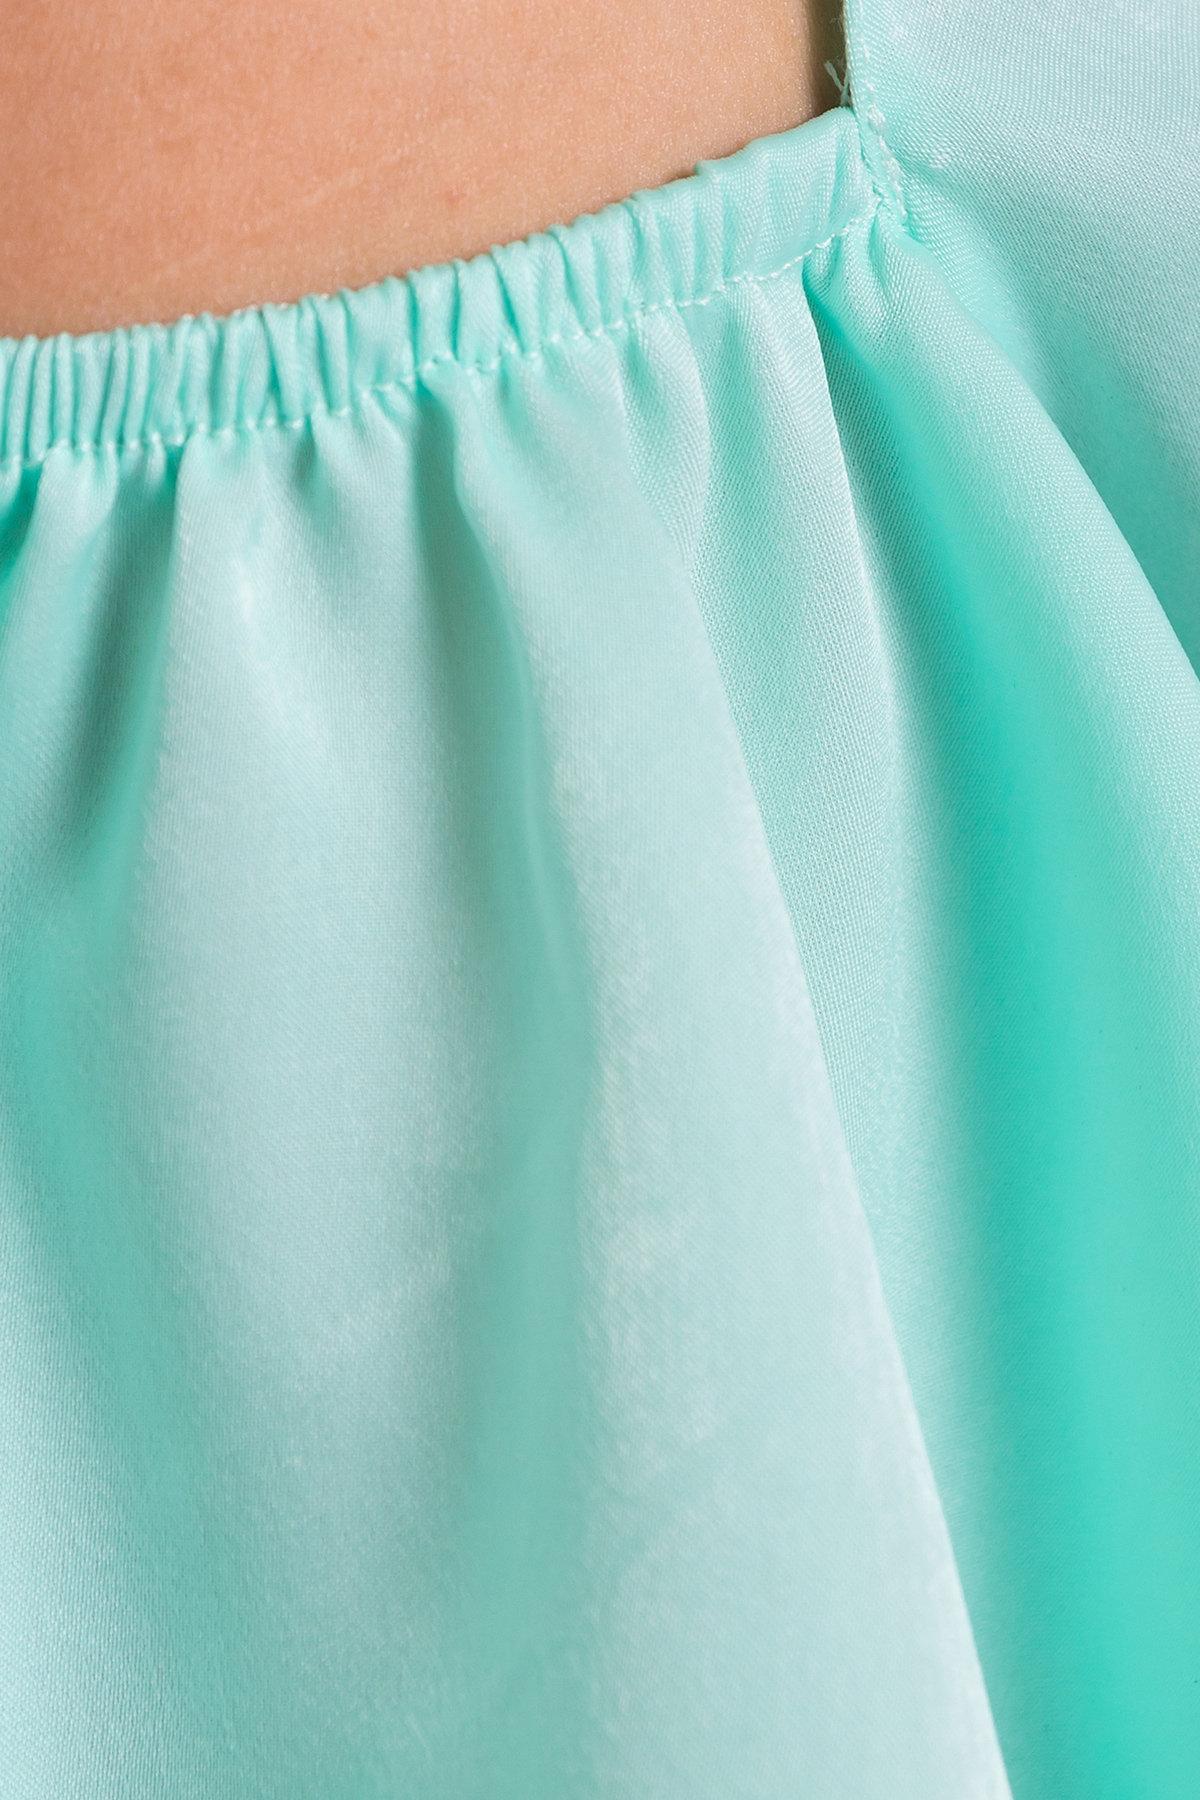 Платье Лолли 5073 АРТ. 35730 Цвет: Мята - фото 4, интернет магазин tm-modus.ru